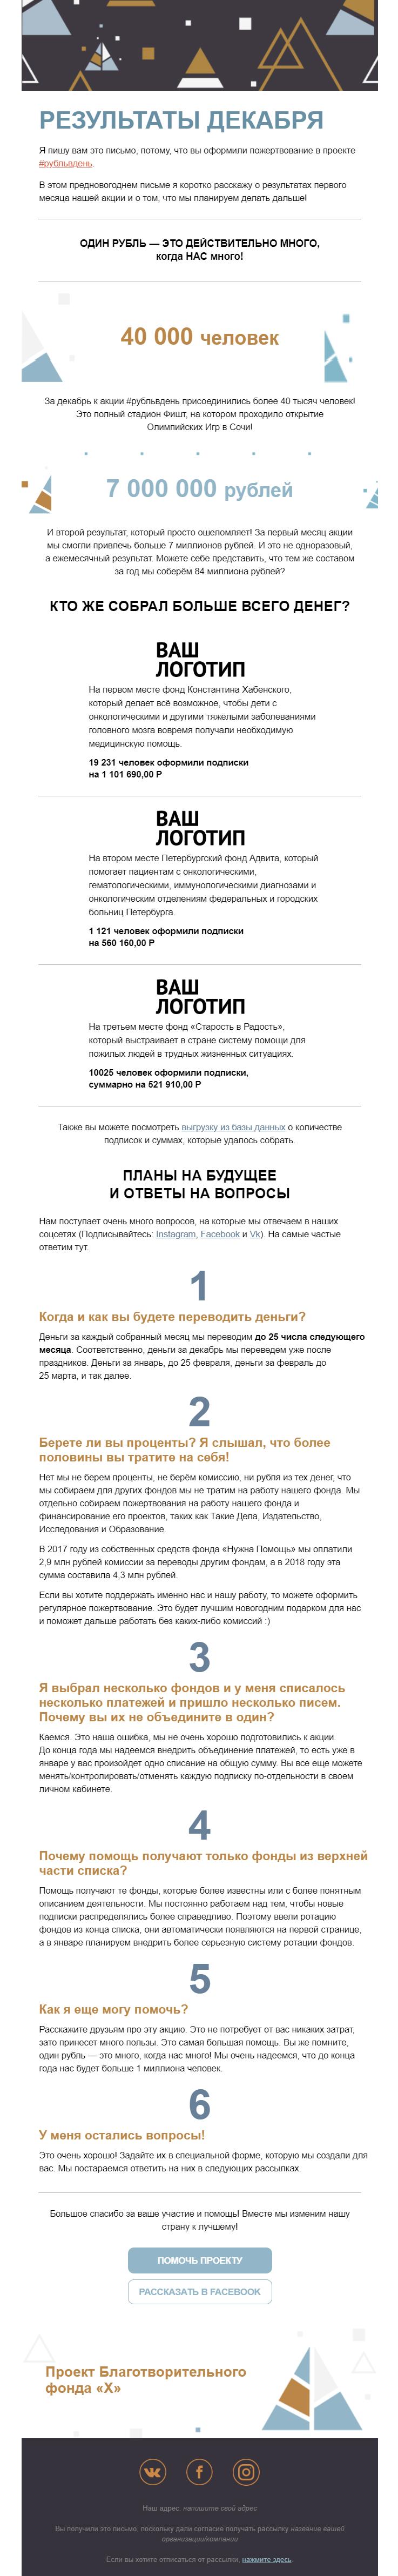 1. Отчет о собранных средствах